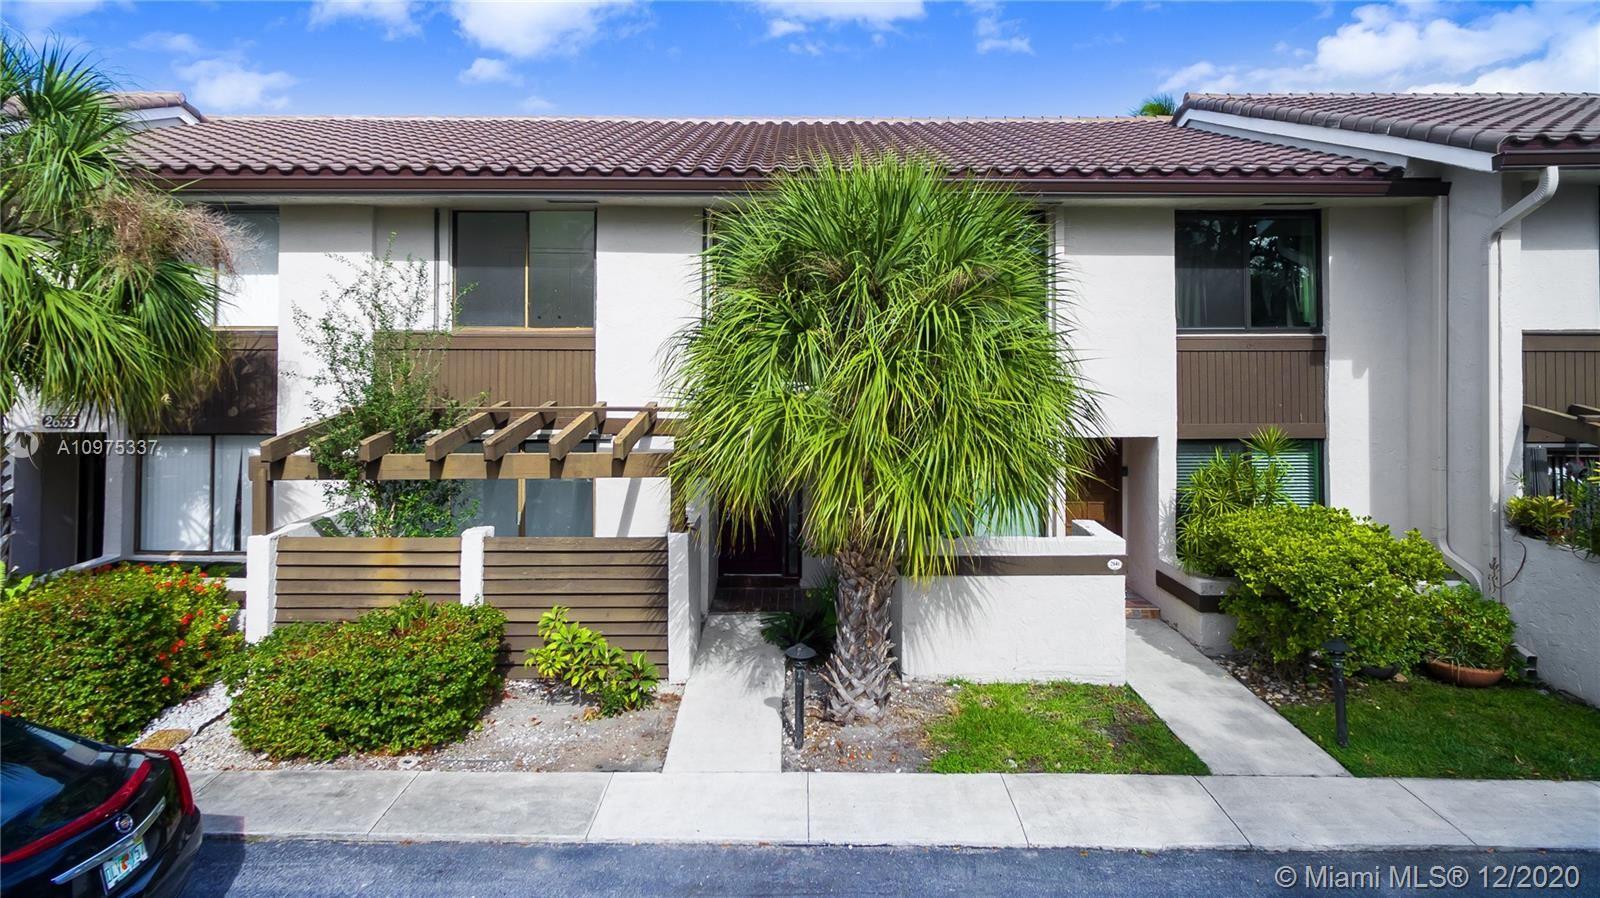 2637 NE 164th St #34, North Miami Beach, FL 33160 - #: A10975337